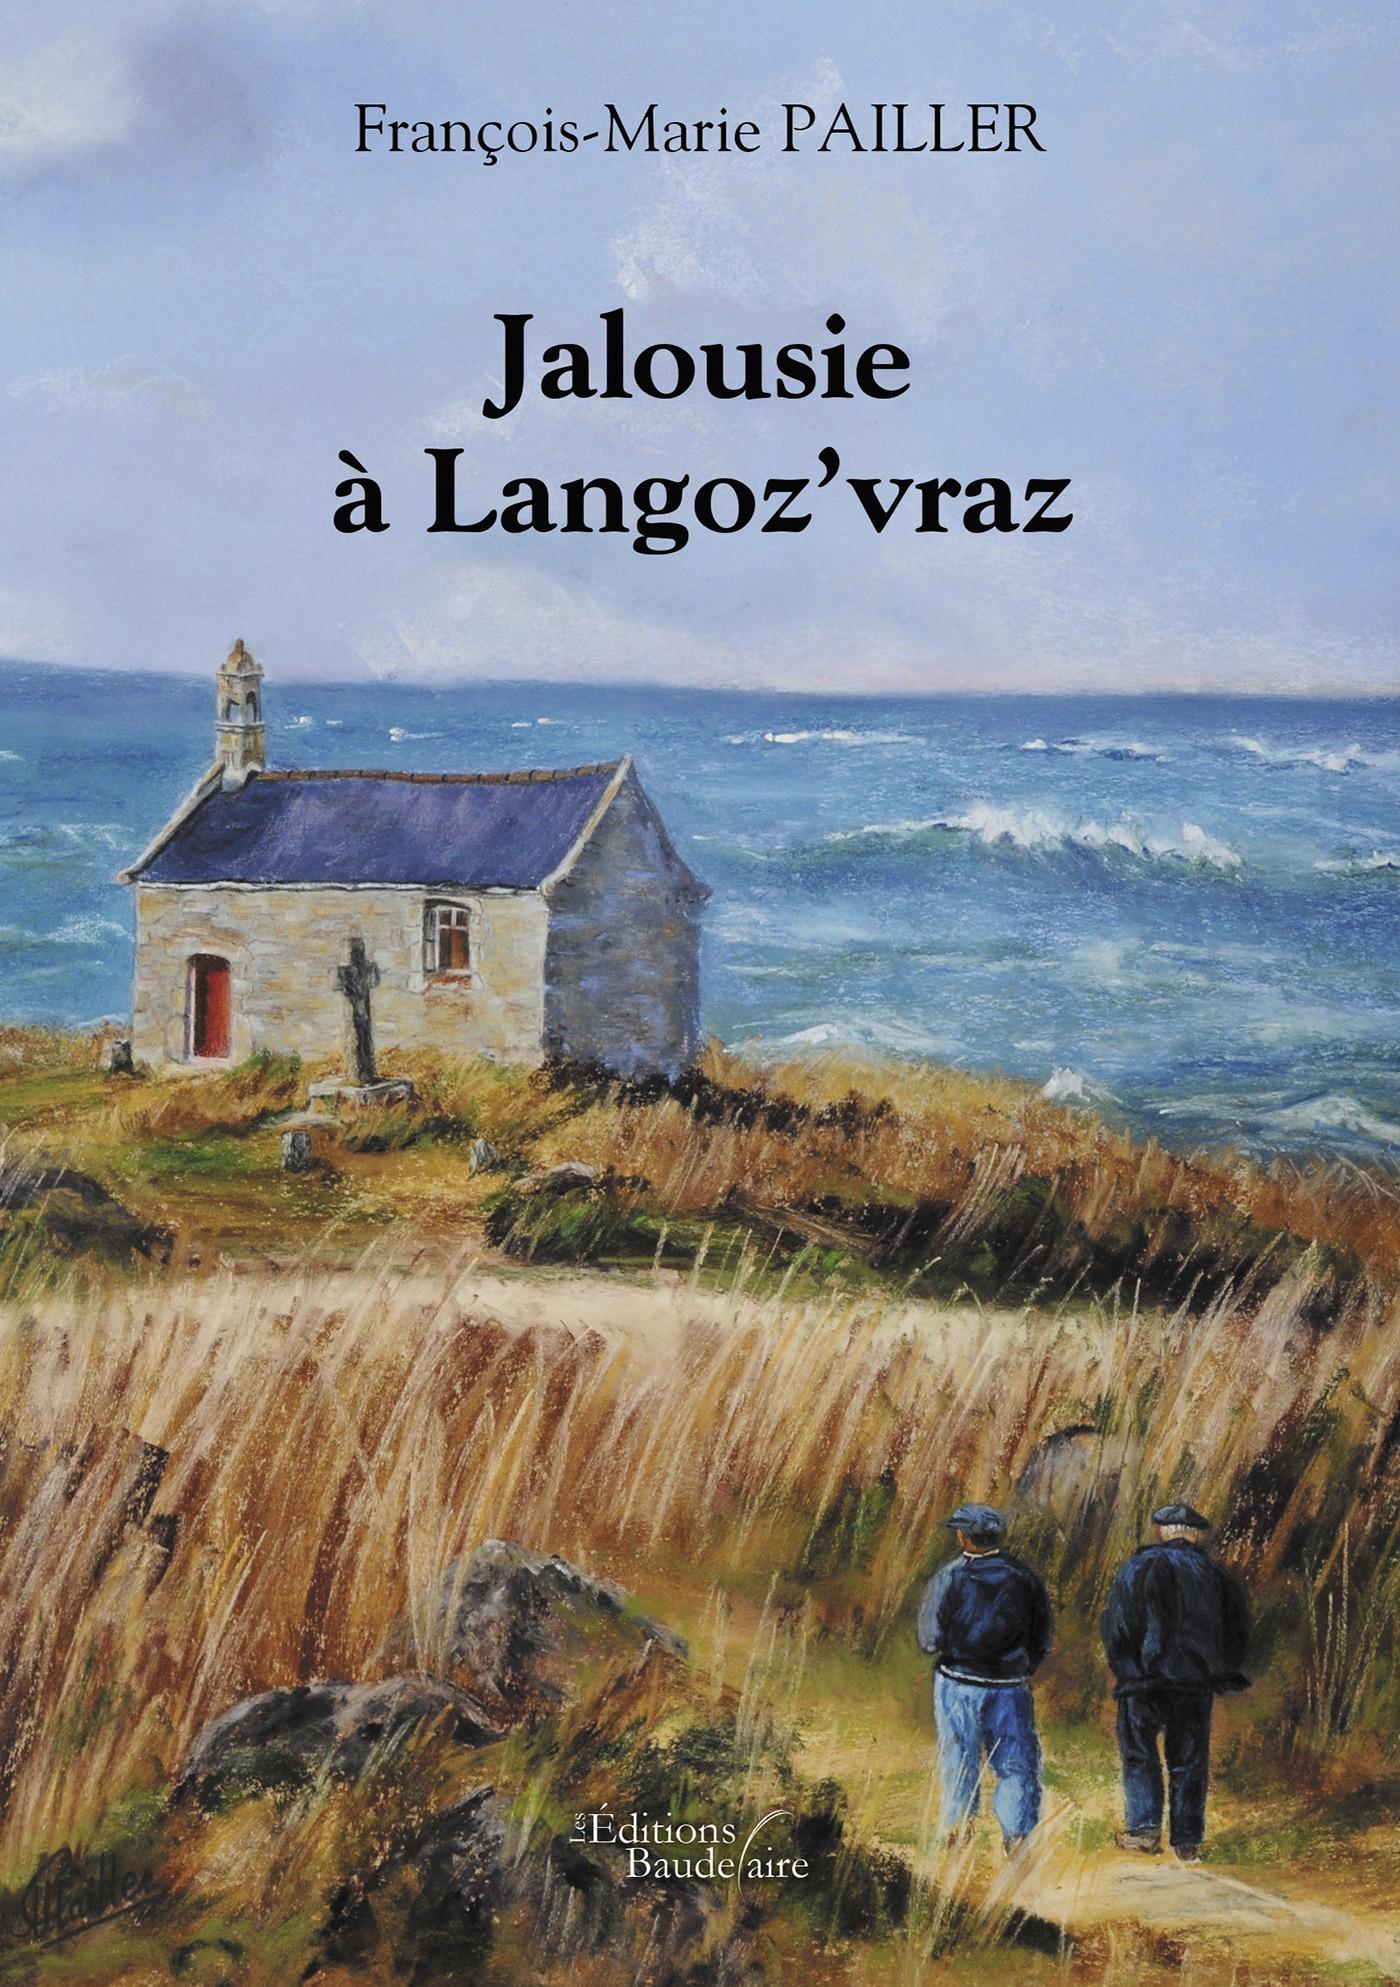 Jalousie à Langoz'vraz